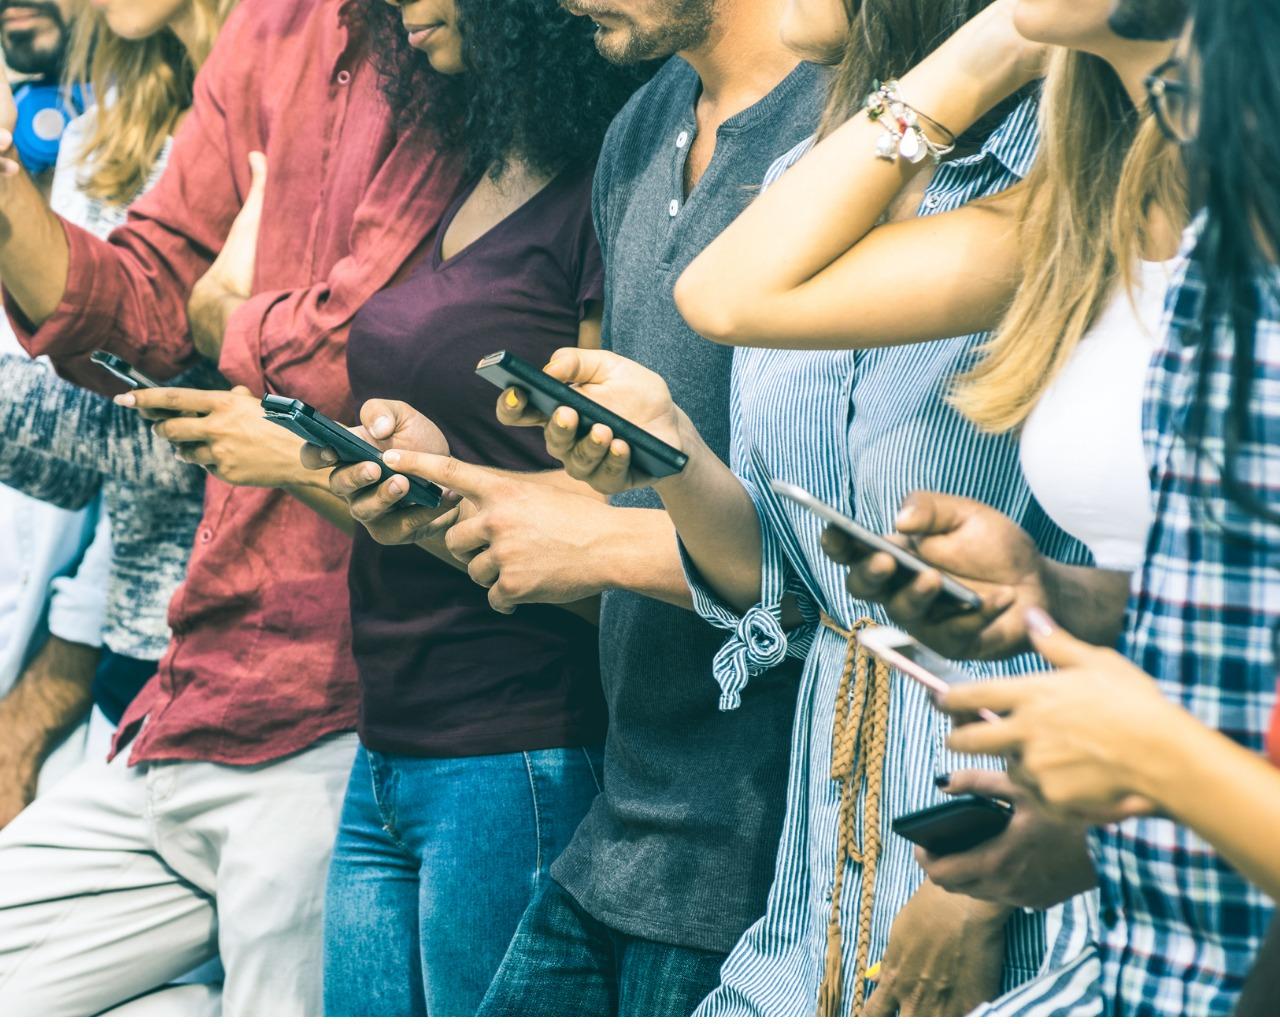 Das Handy ist fast überall dabei. Mobile Internet und Datenschutz.